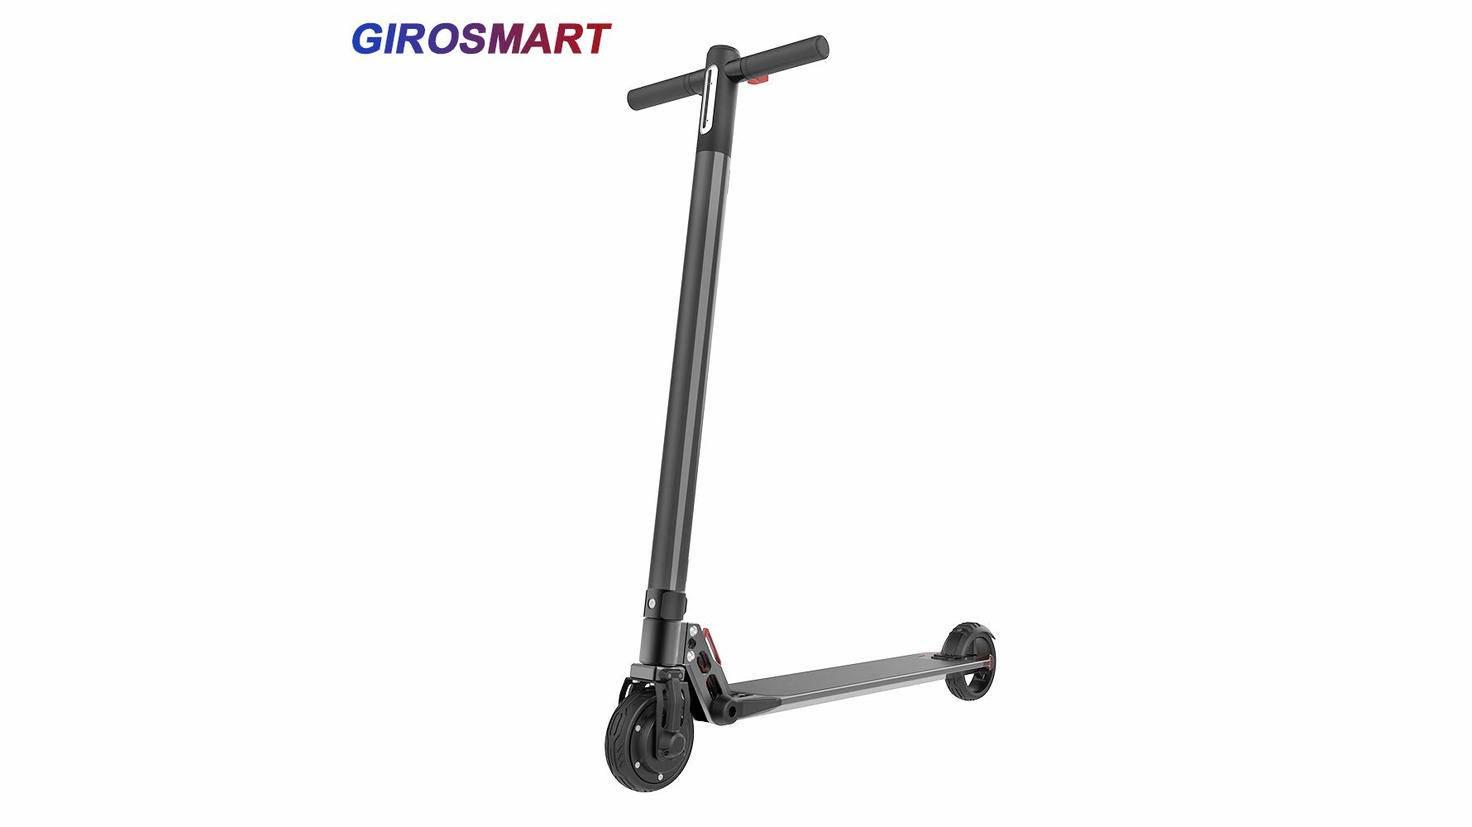 girosmart-e-scooter